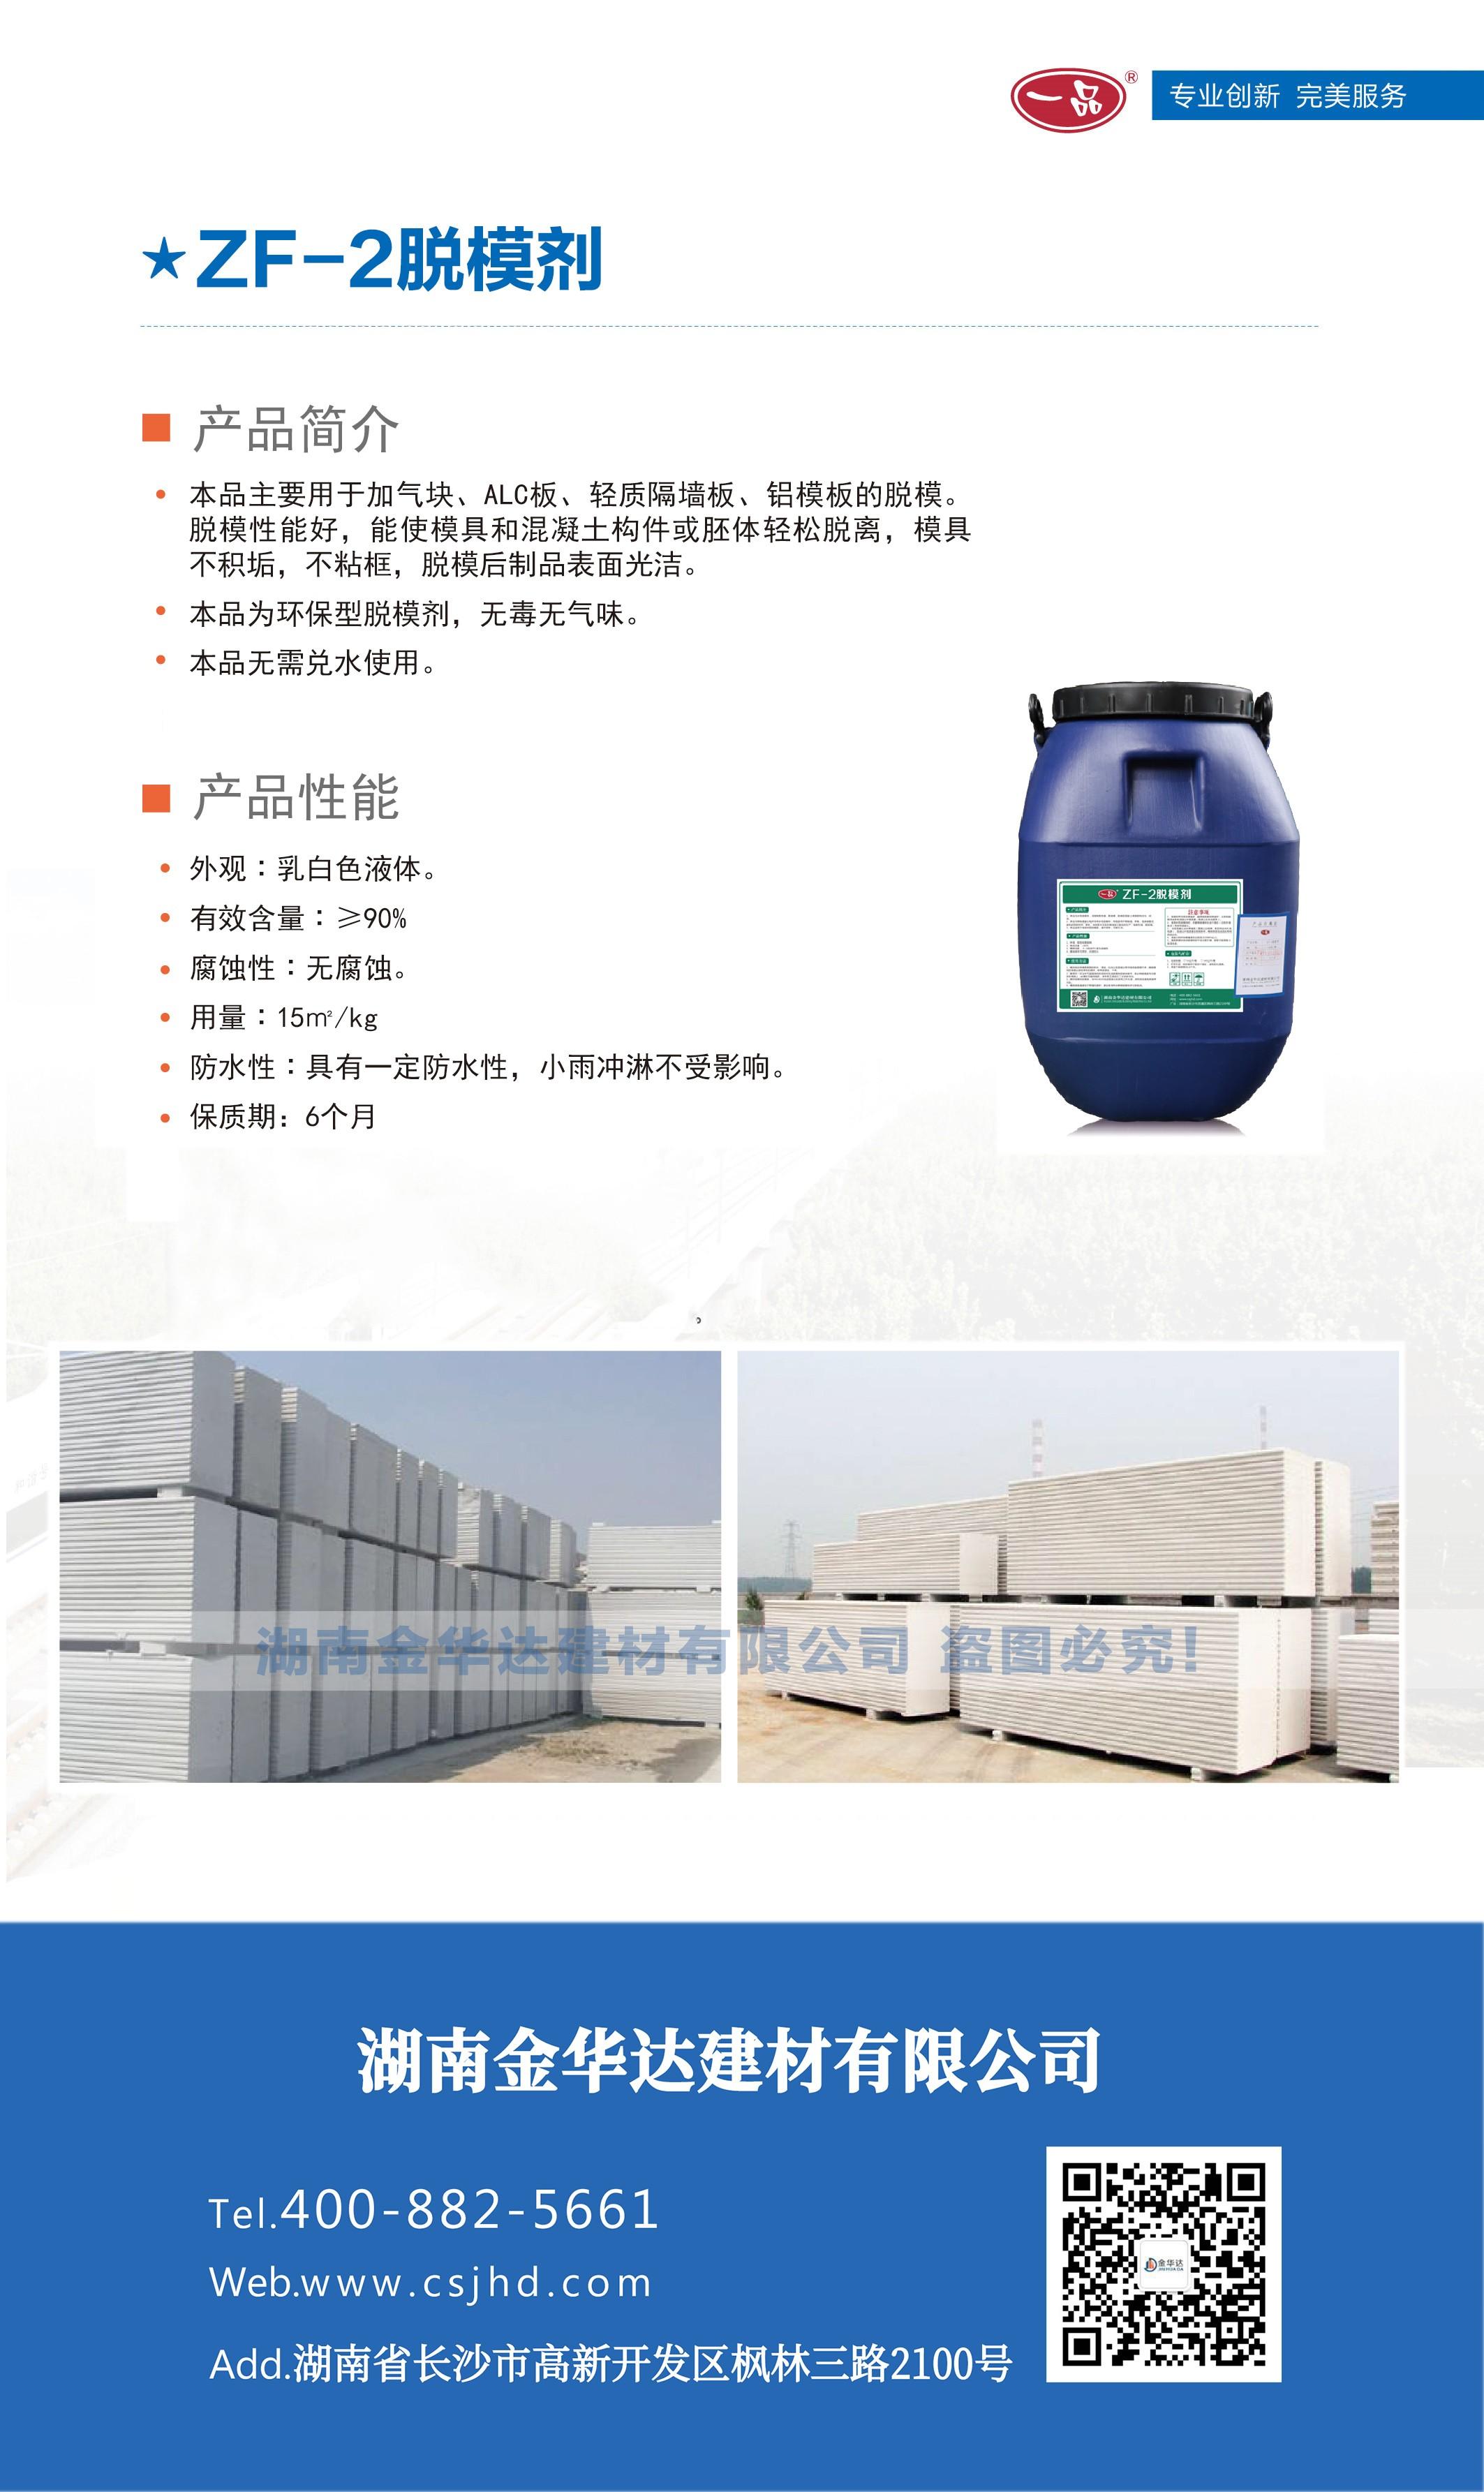 ZF-2产品介绍(1).jpg